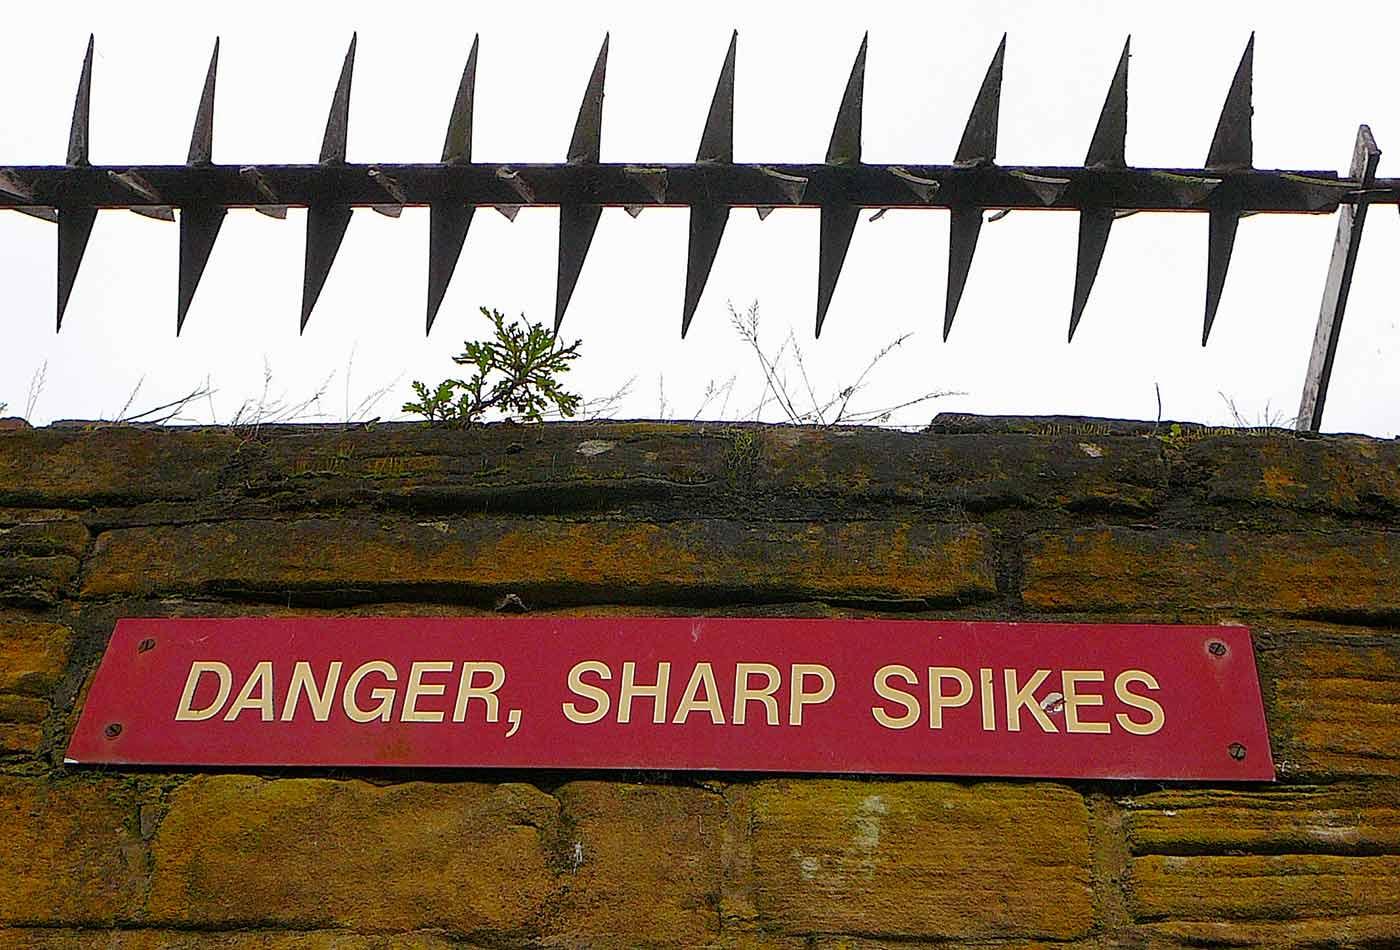 Danger, Sharp Spikes.